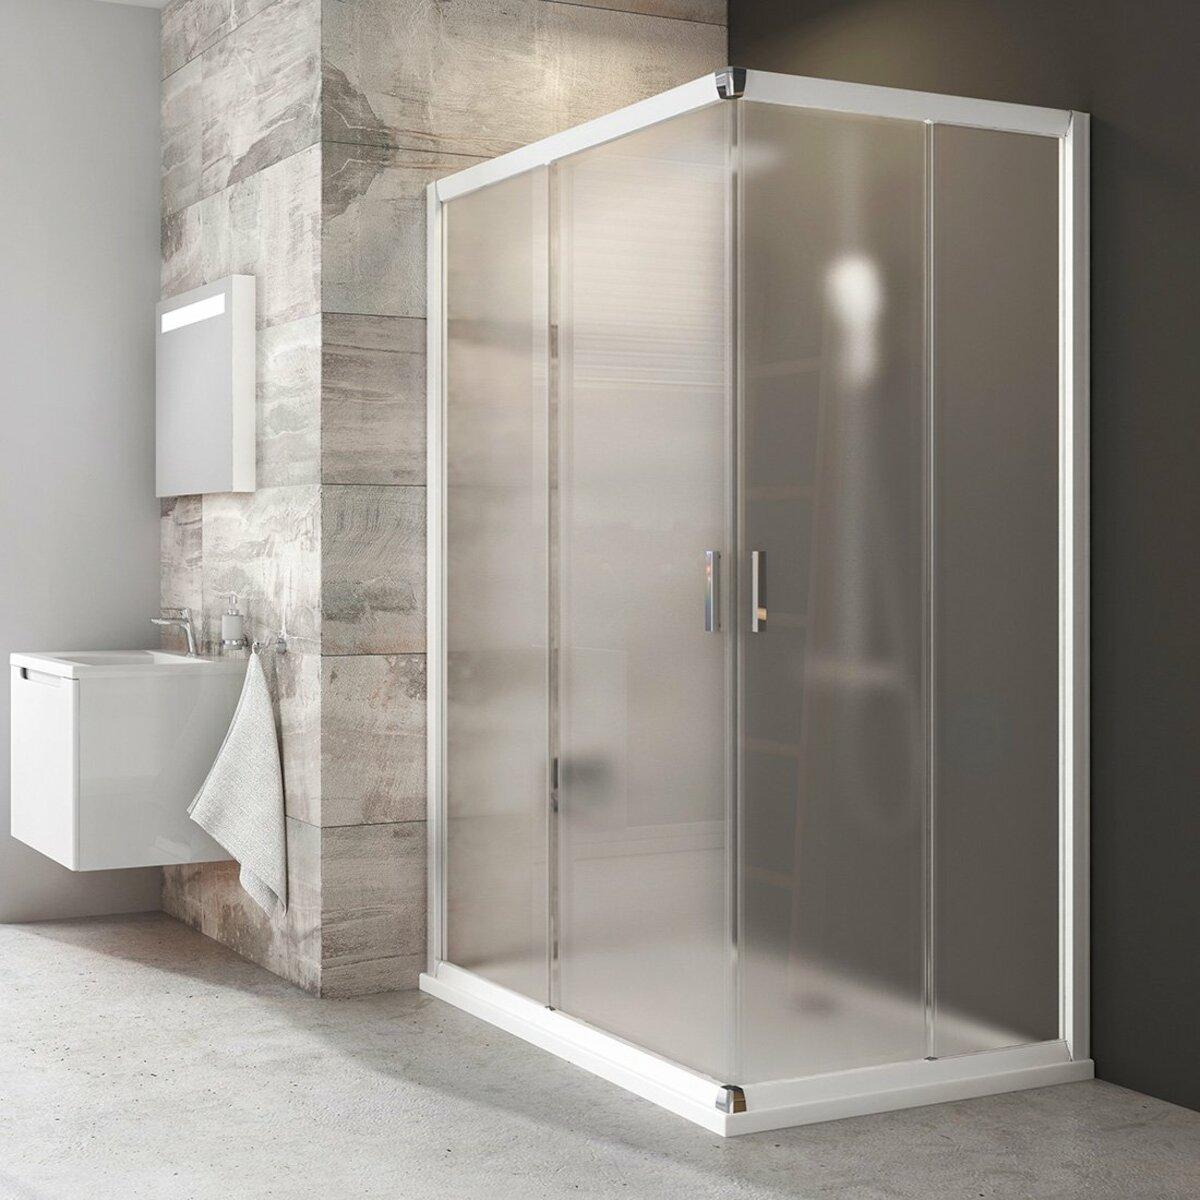 Sprchové dvere 110x190 cm Ravak Blix biela 1XVD0100ZG